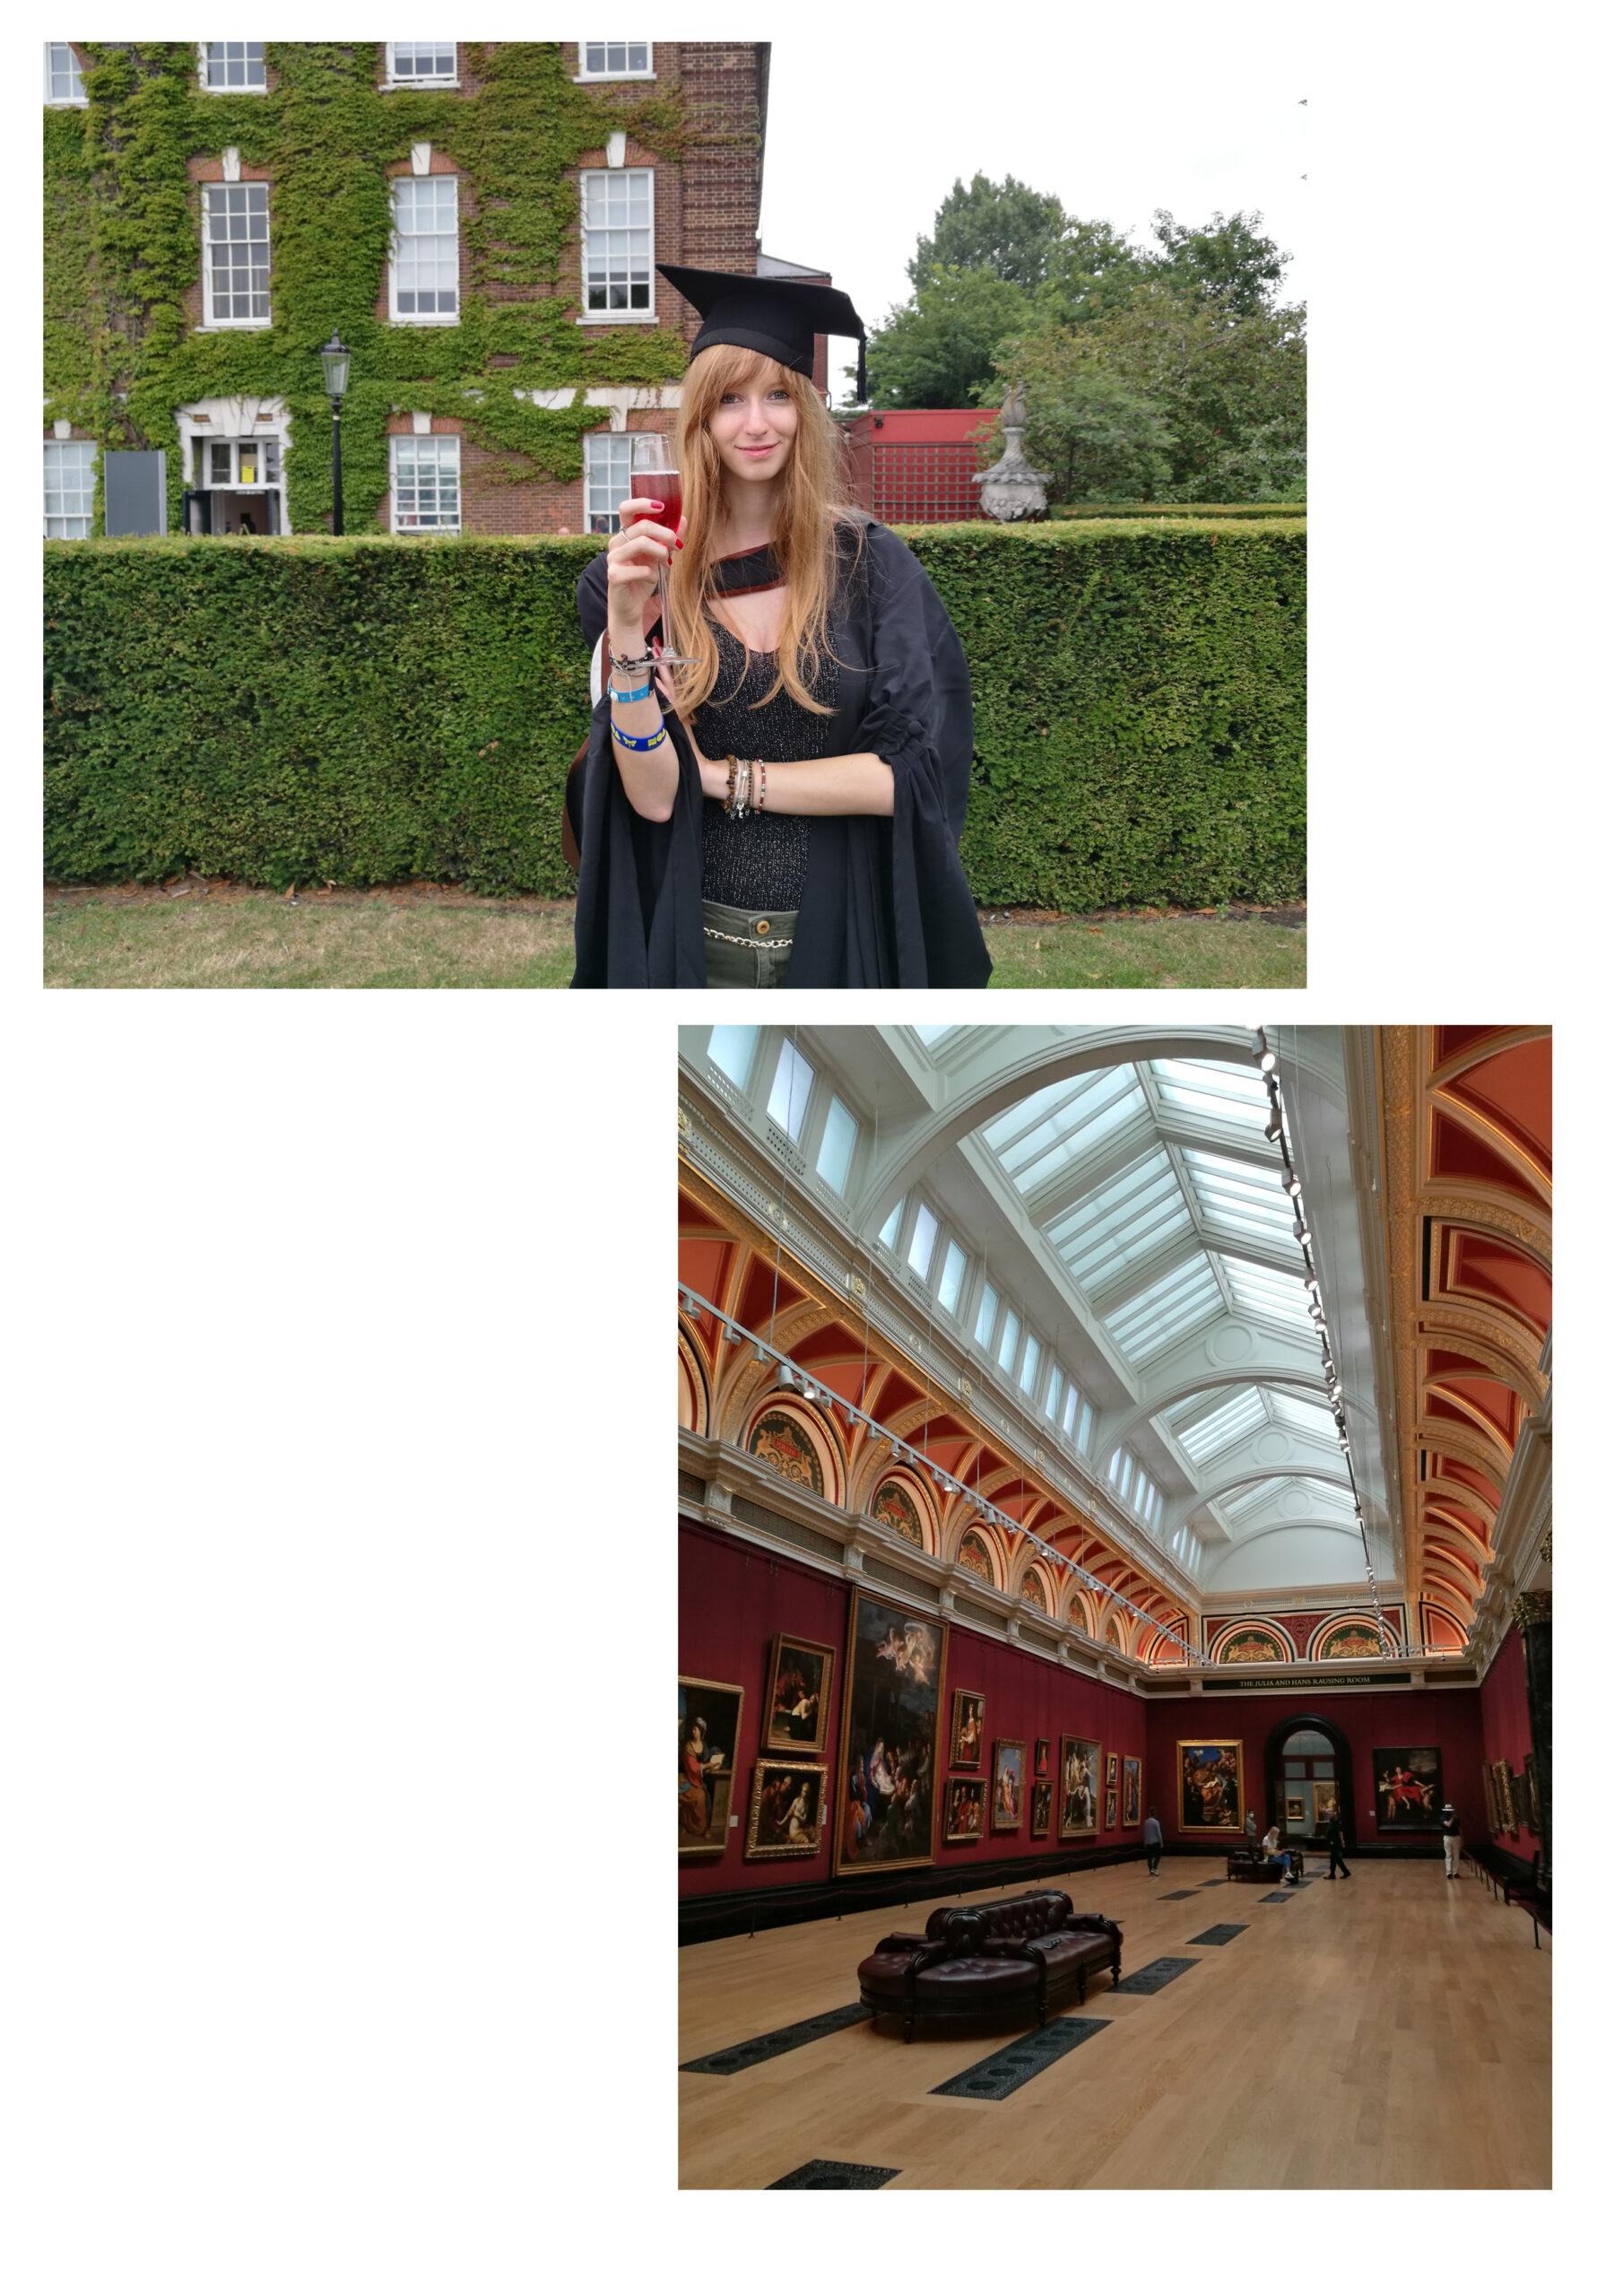 Cristina Ricci at graduation and at The National Gallery